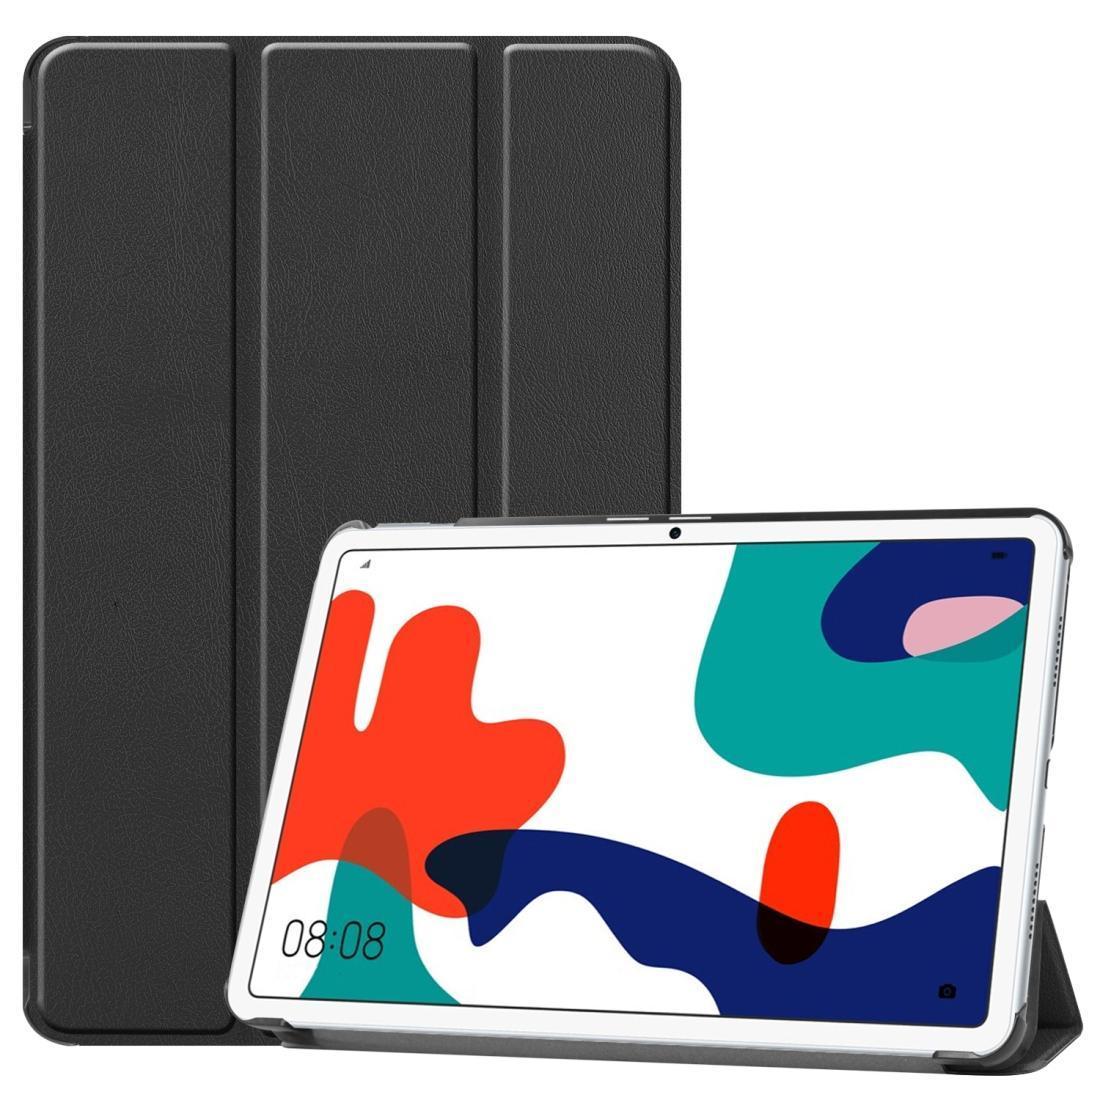 لهواوي MatePad 10.4 بوصة الصلبة اللون المضادة للسقوط الوجه الأفقي الكمبيوتر اللوحي واقية حقيبة جلد مع القوس